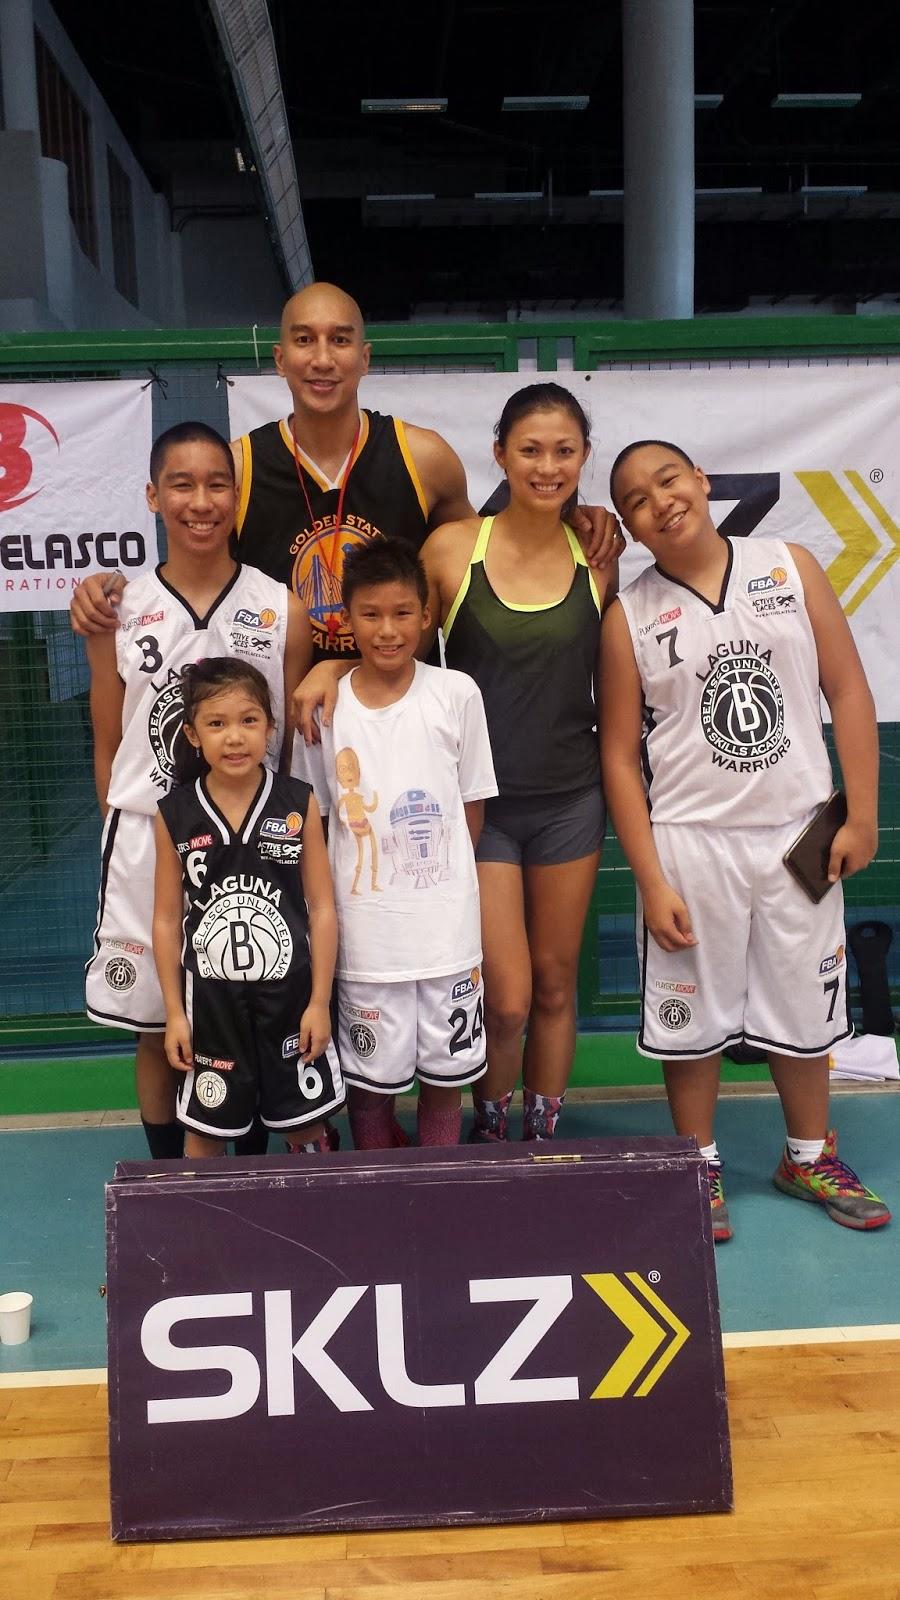 Belasco Family